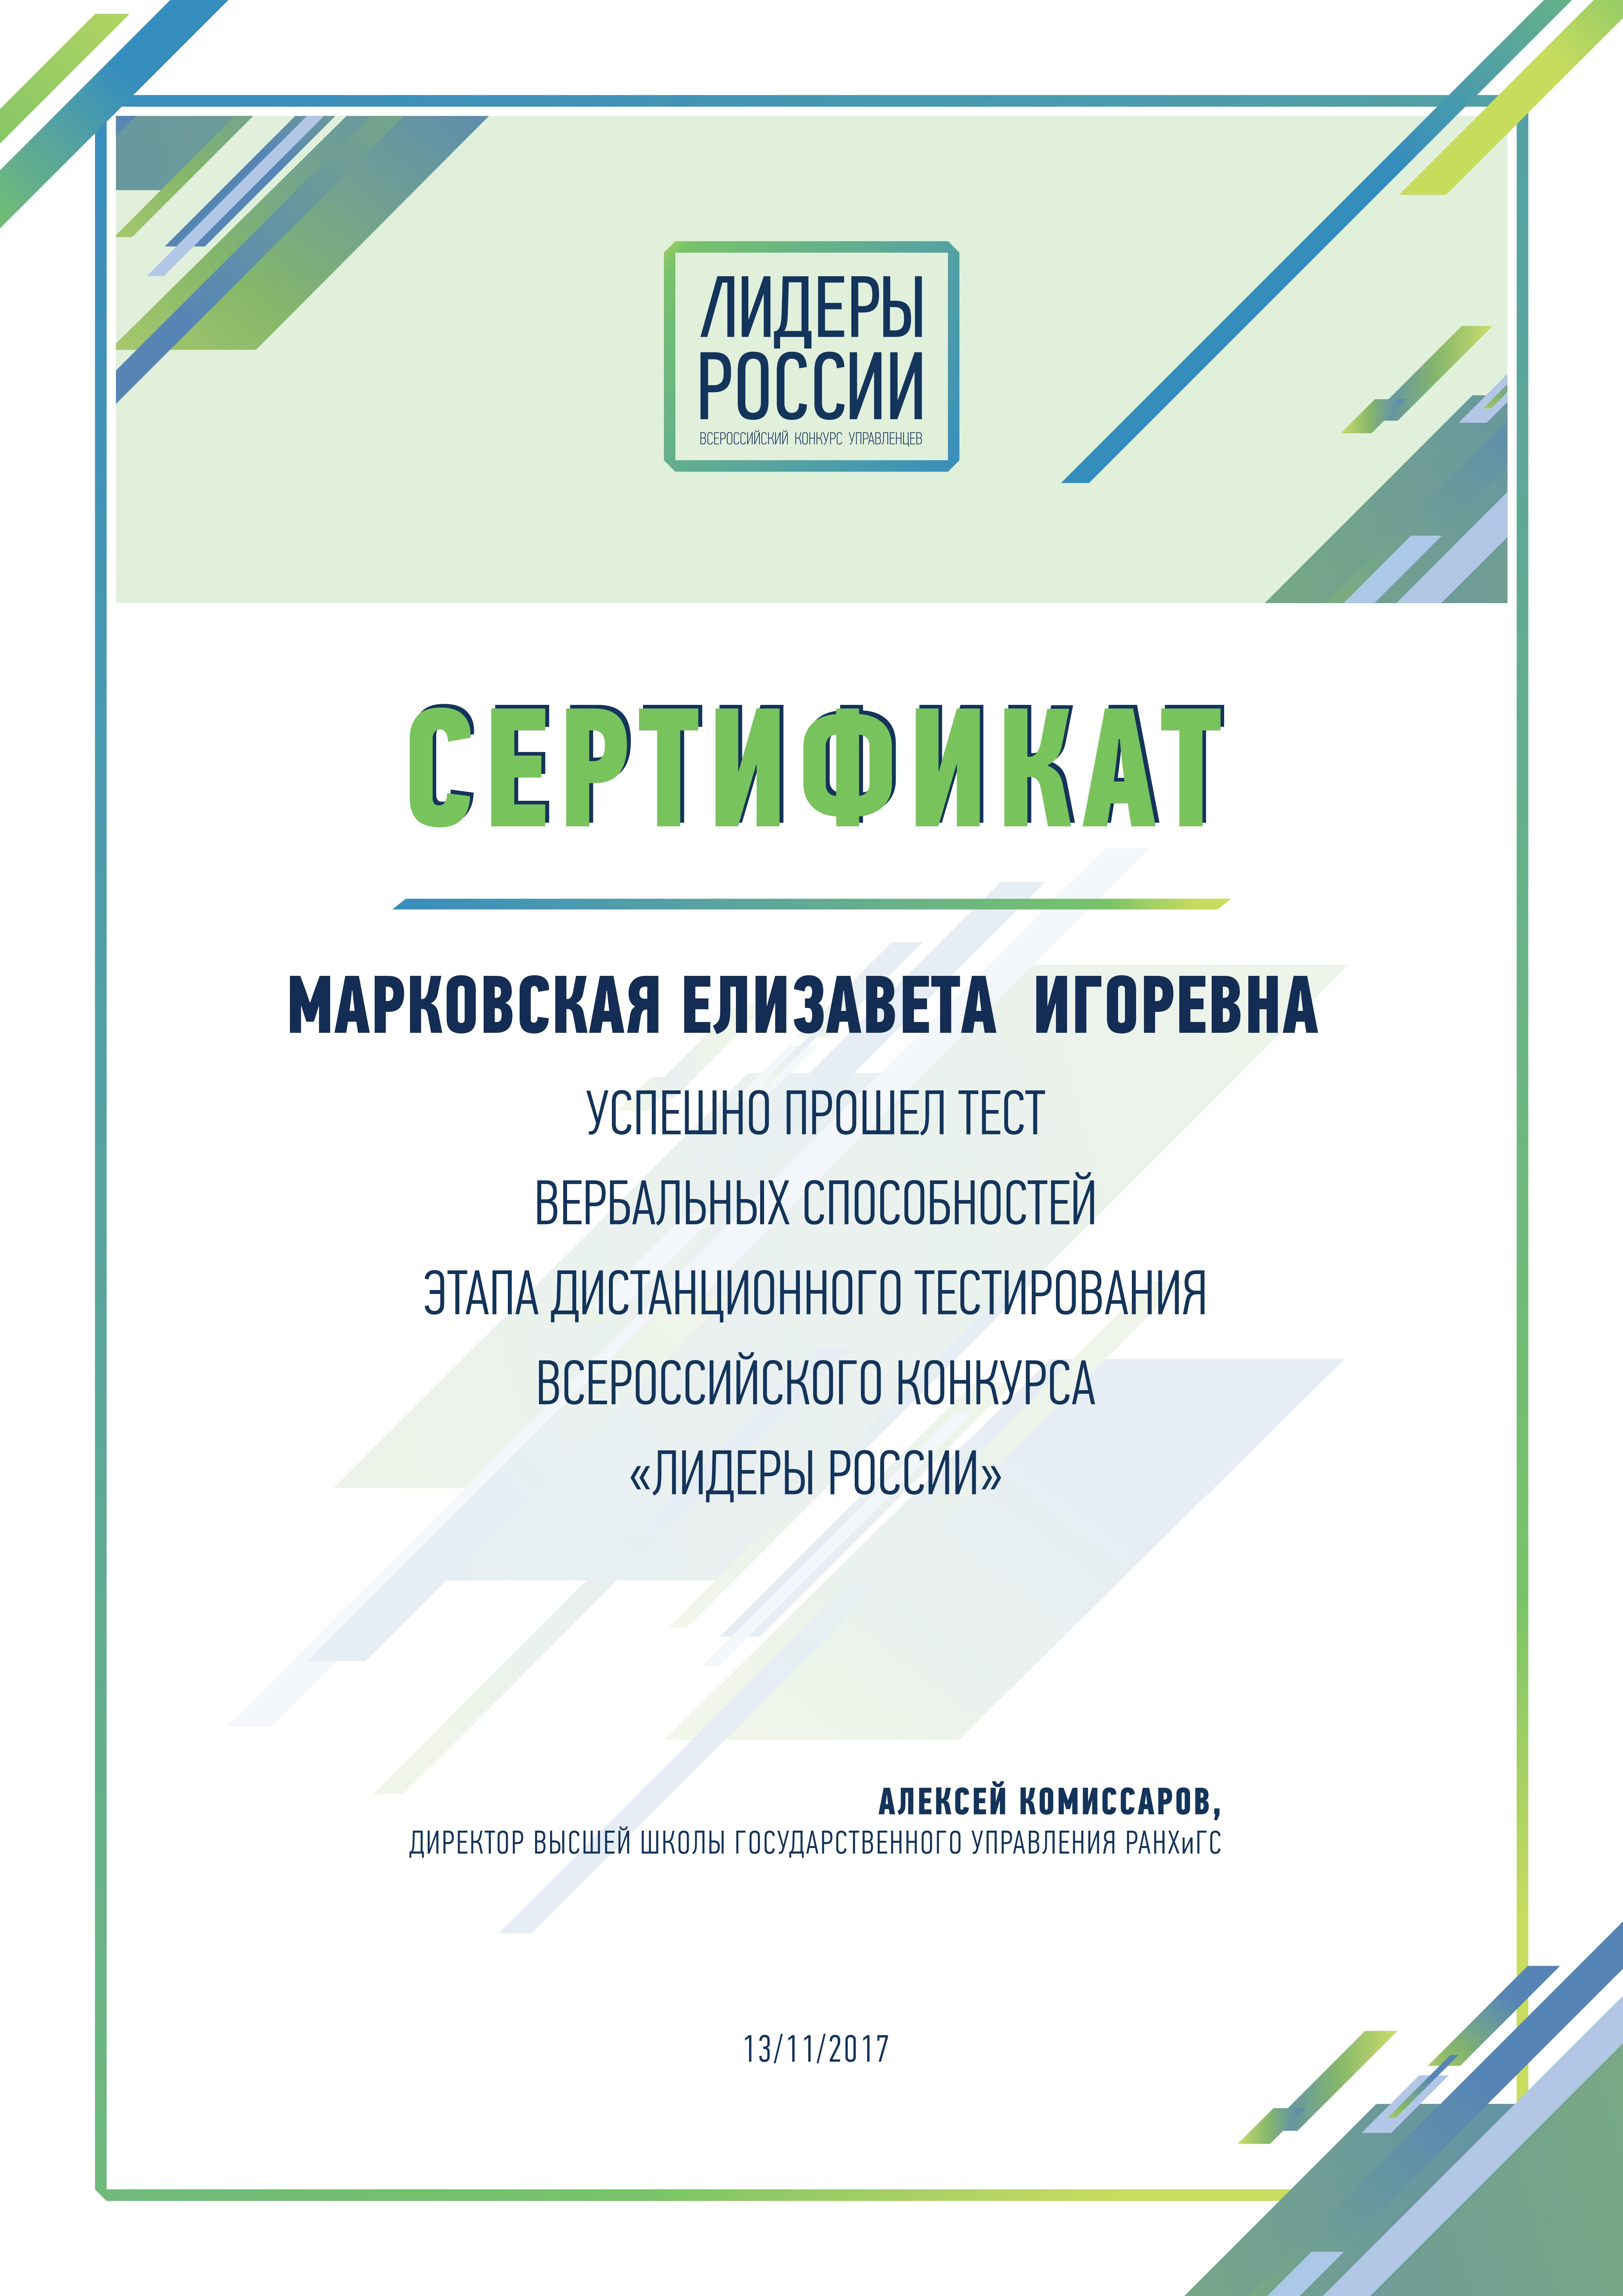 Вызов на сессию Кантемировская справка от педиатра в лагерь